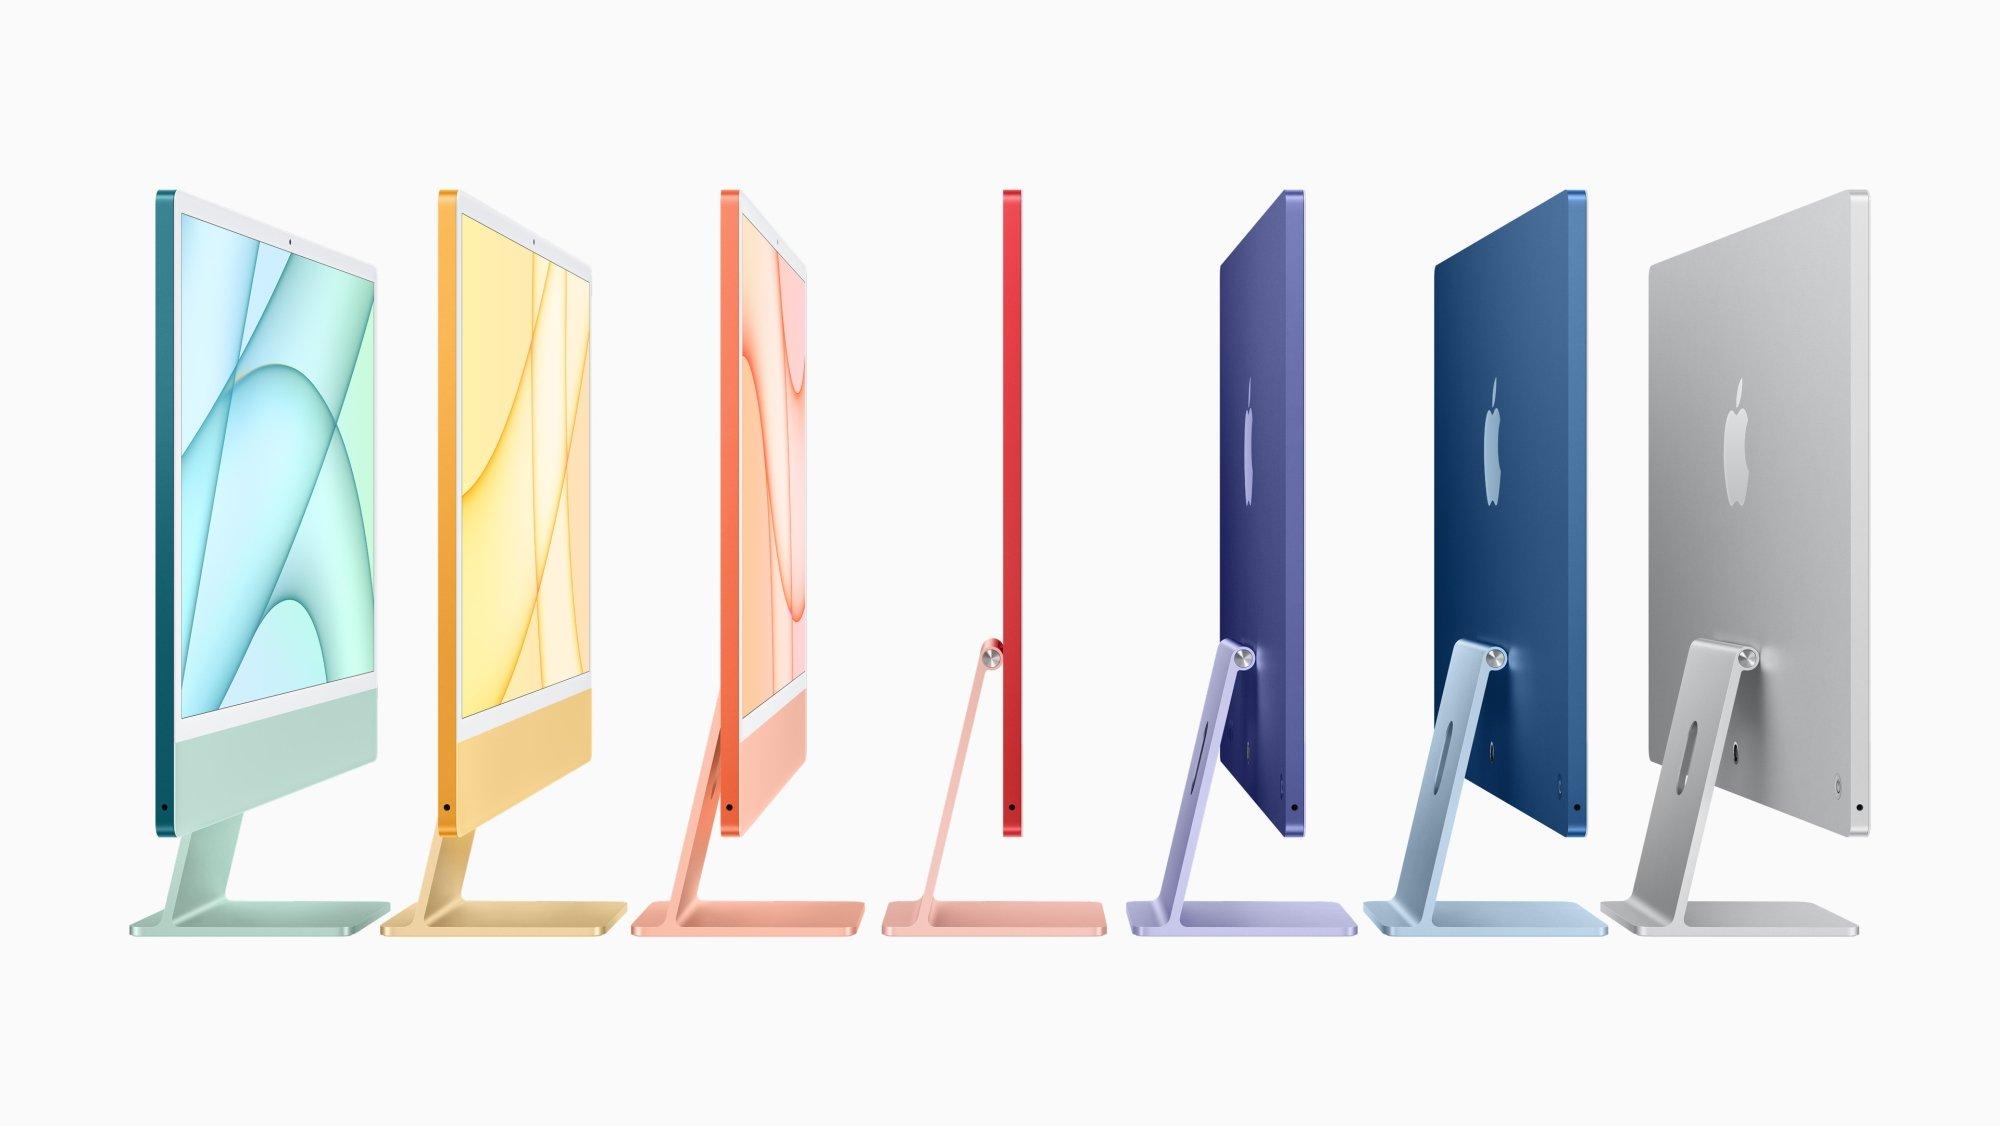 Detalhes do novo iMac foram divulgados antes do anúncio oficial.